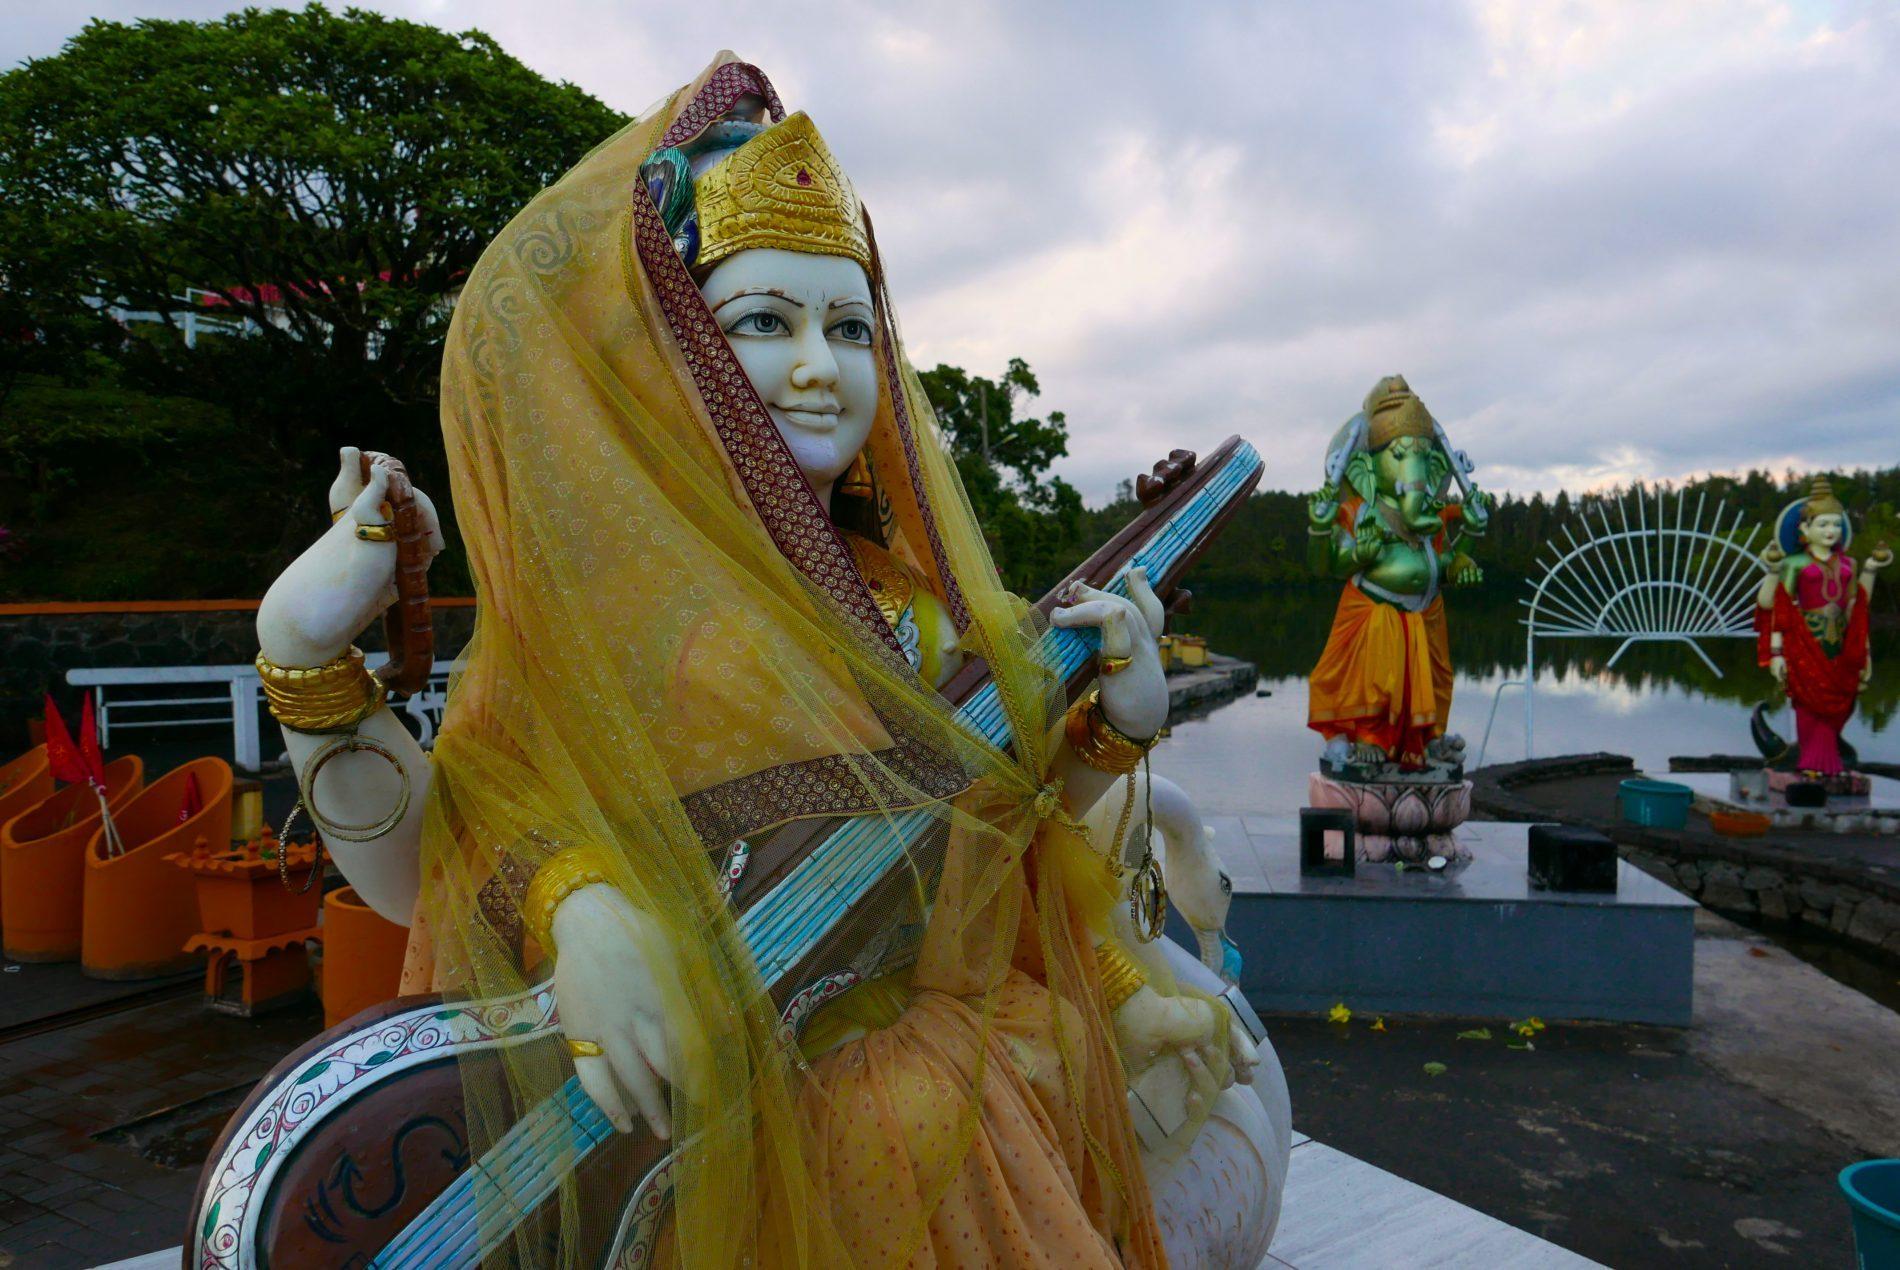 Grand Bassin é o lago sagrado dos hindus localizado dentro da cratera de um vulcão, onde há um templo dedicado a Shiva